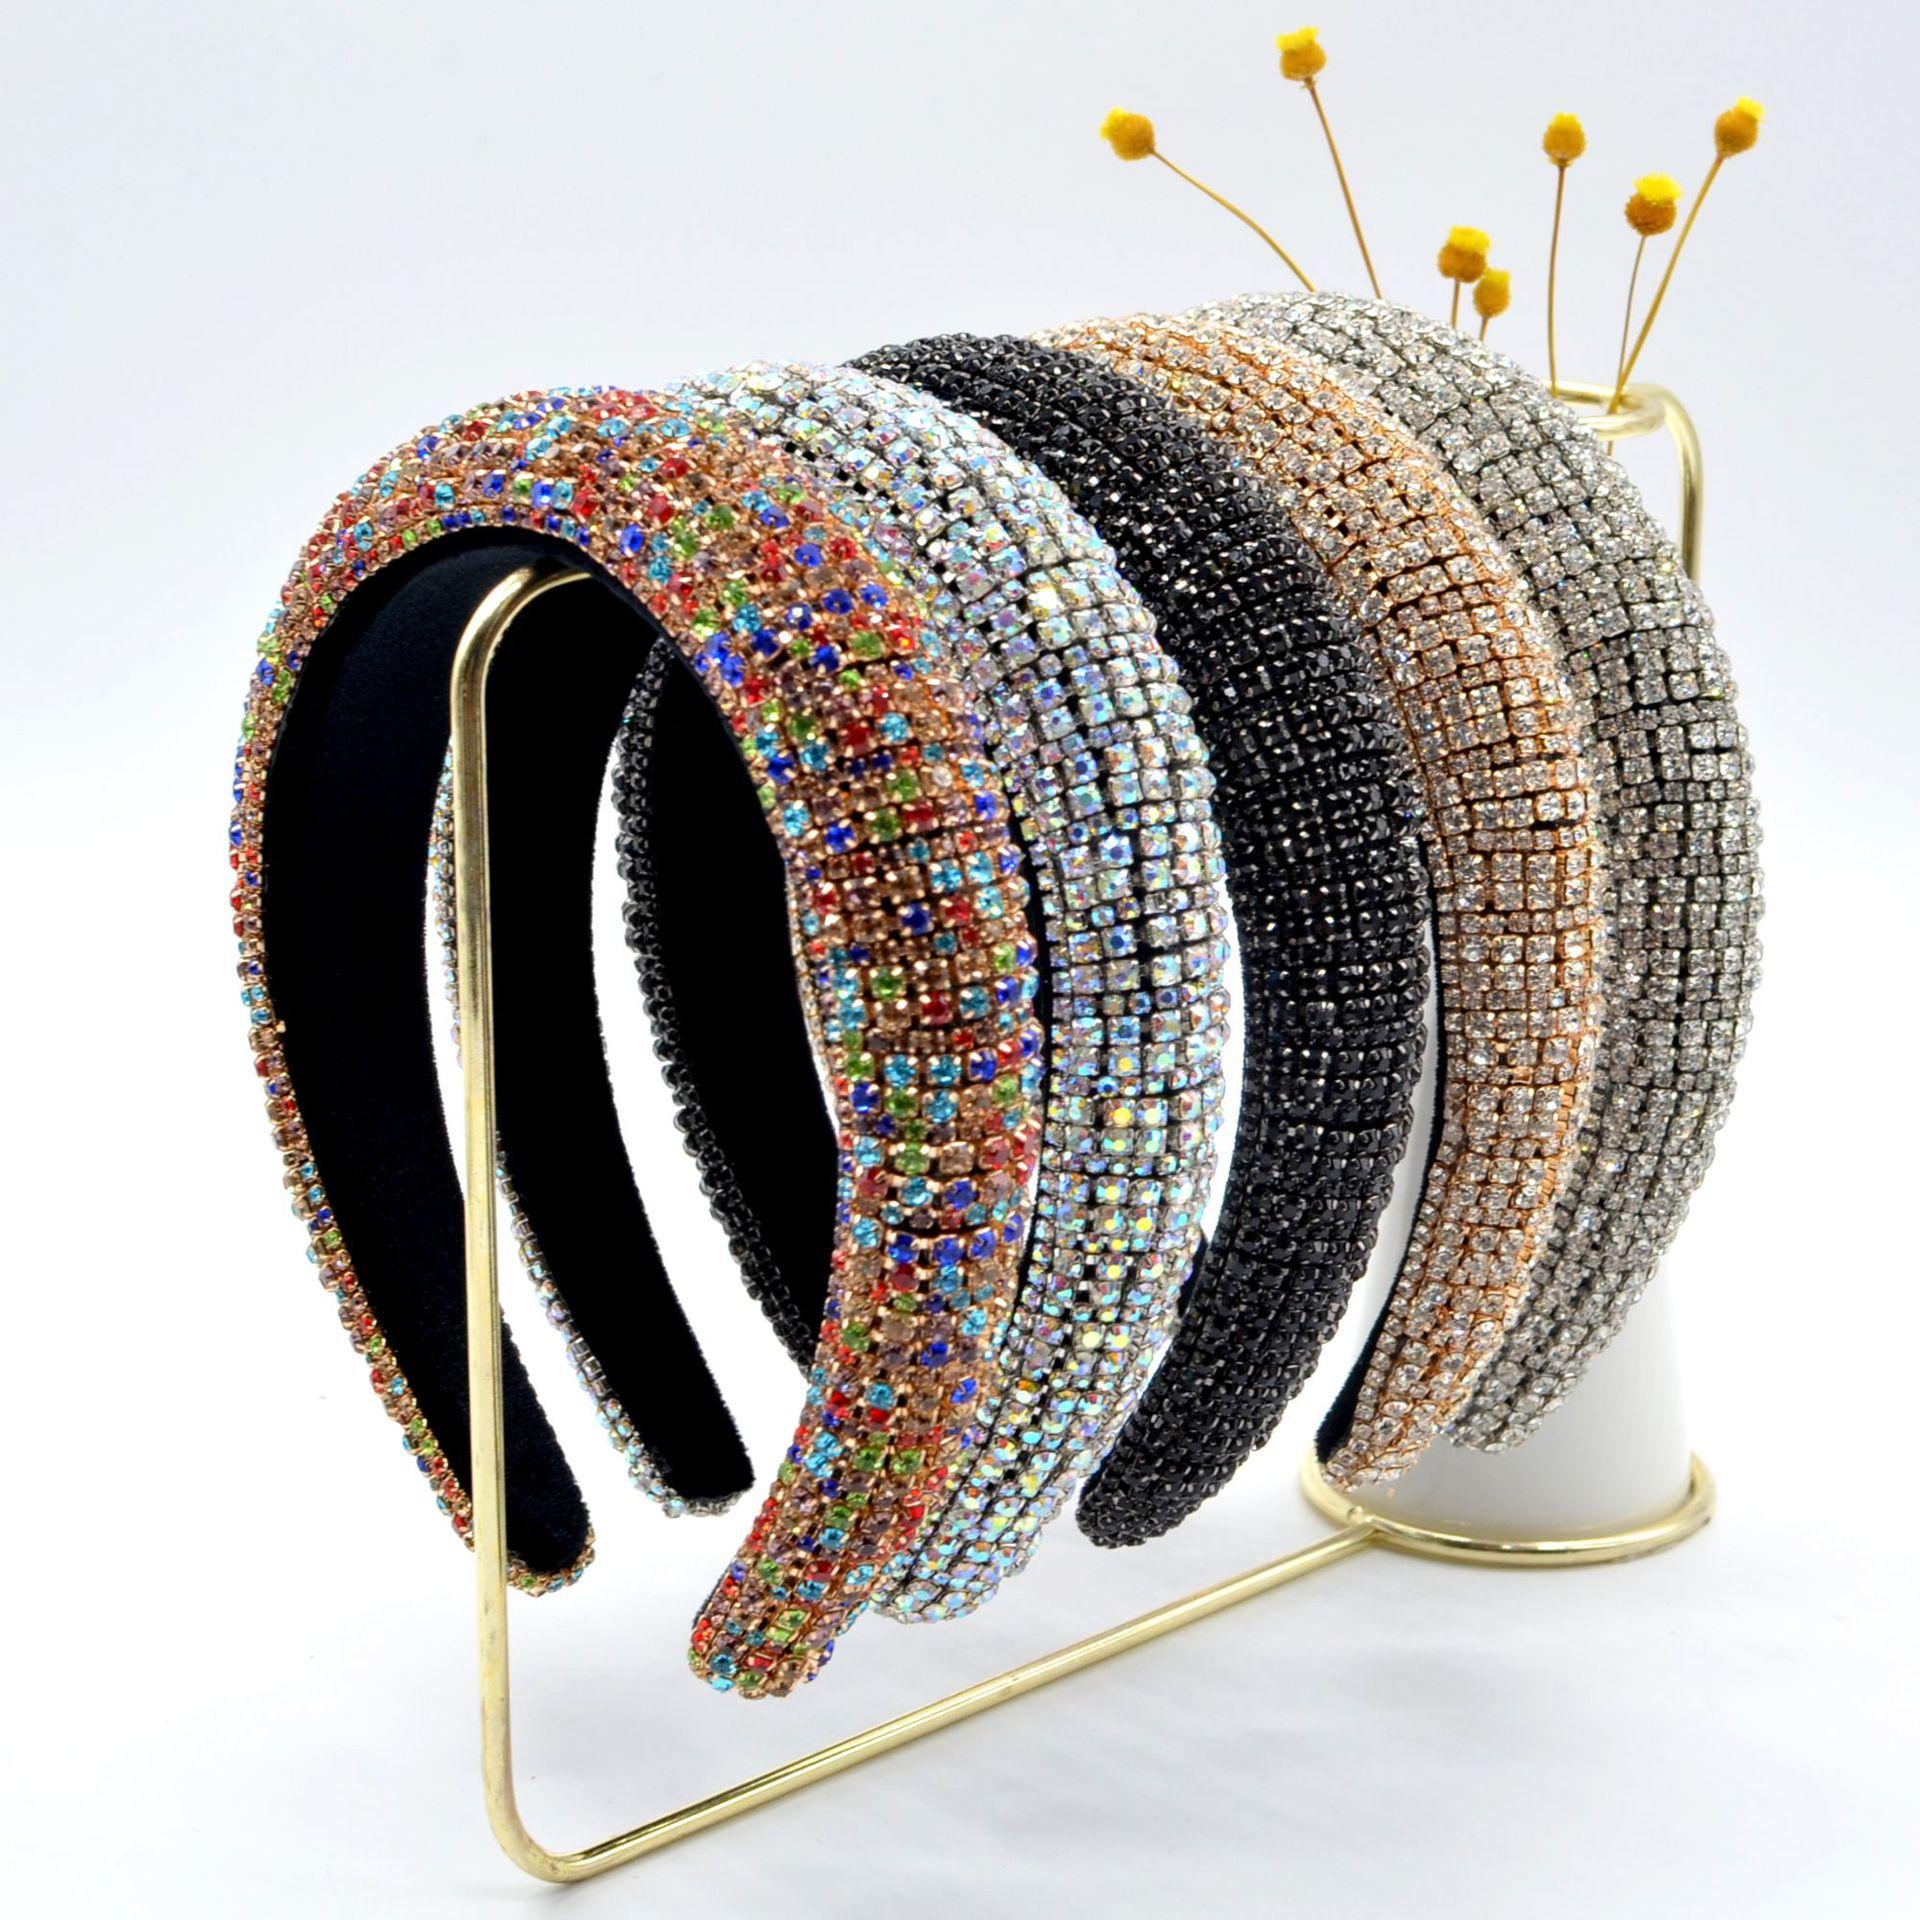 JOLORYM ювелирные изделия из жемчуга для женщин Красочные Стразы губка модные барокко широкополая повязка для свадьбы FG-YL-001